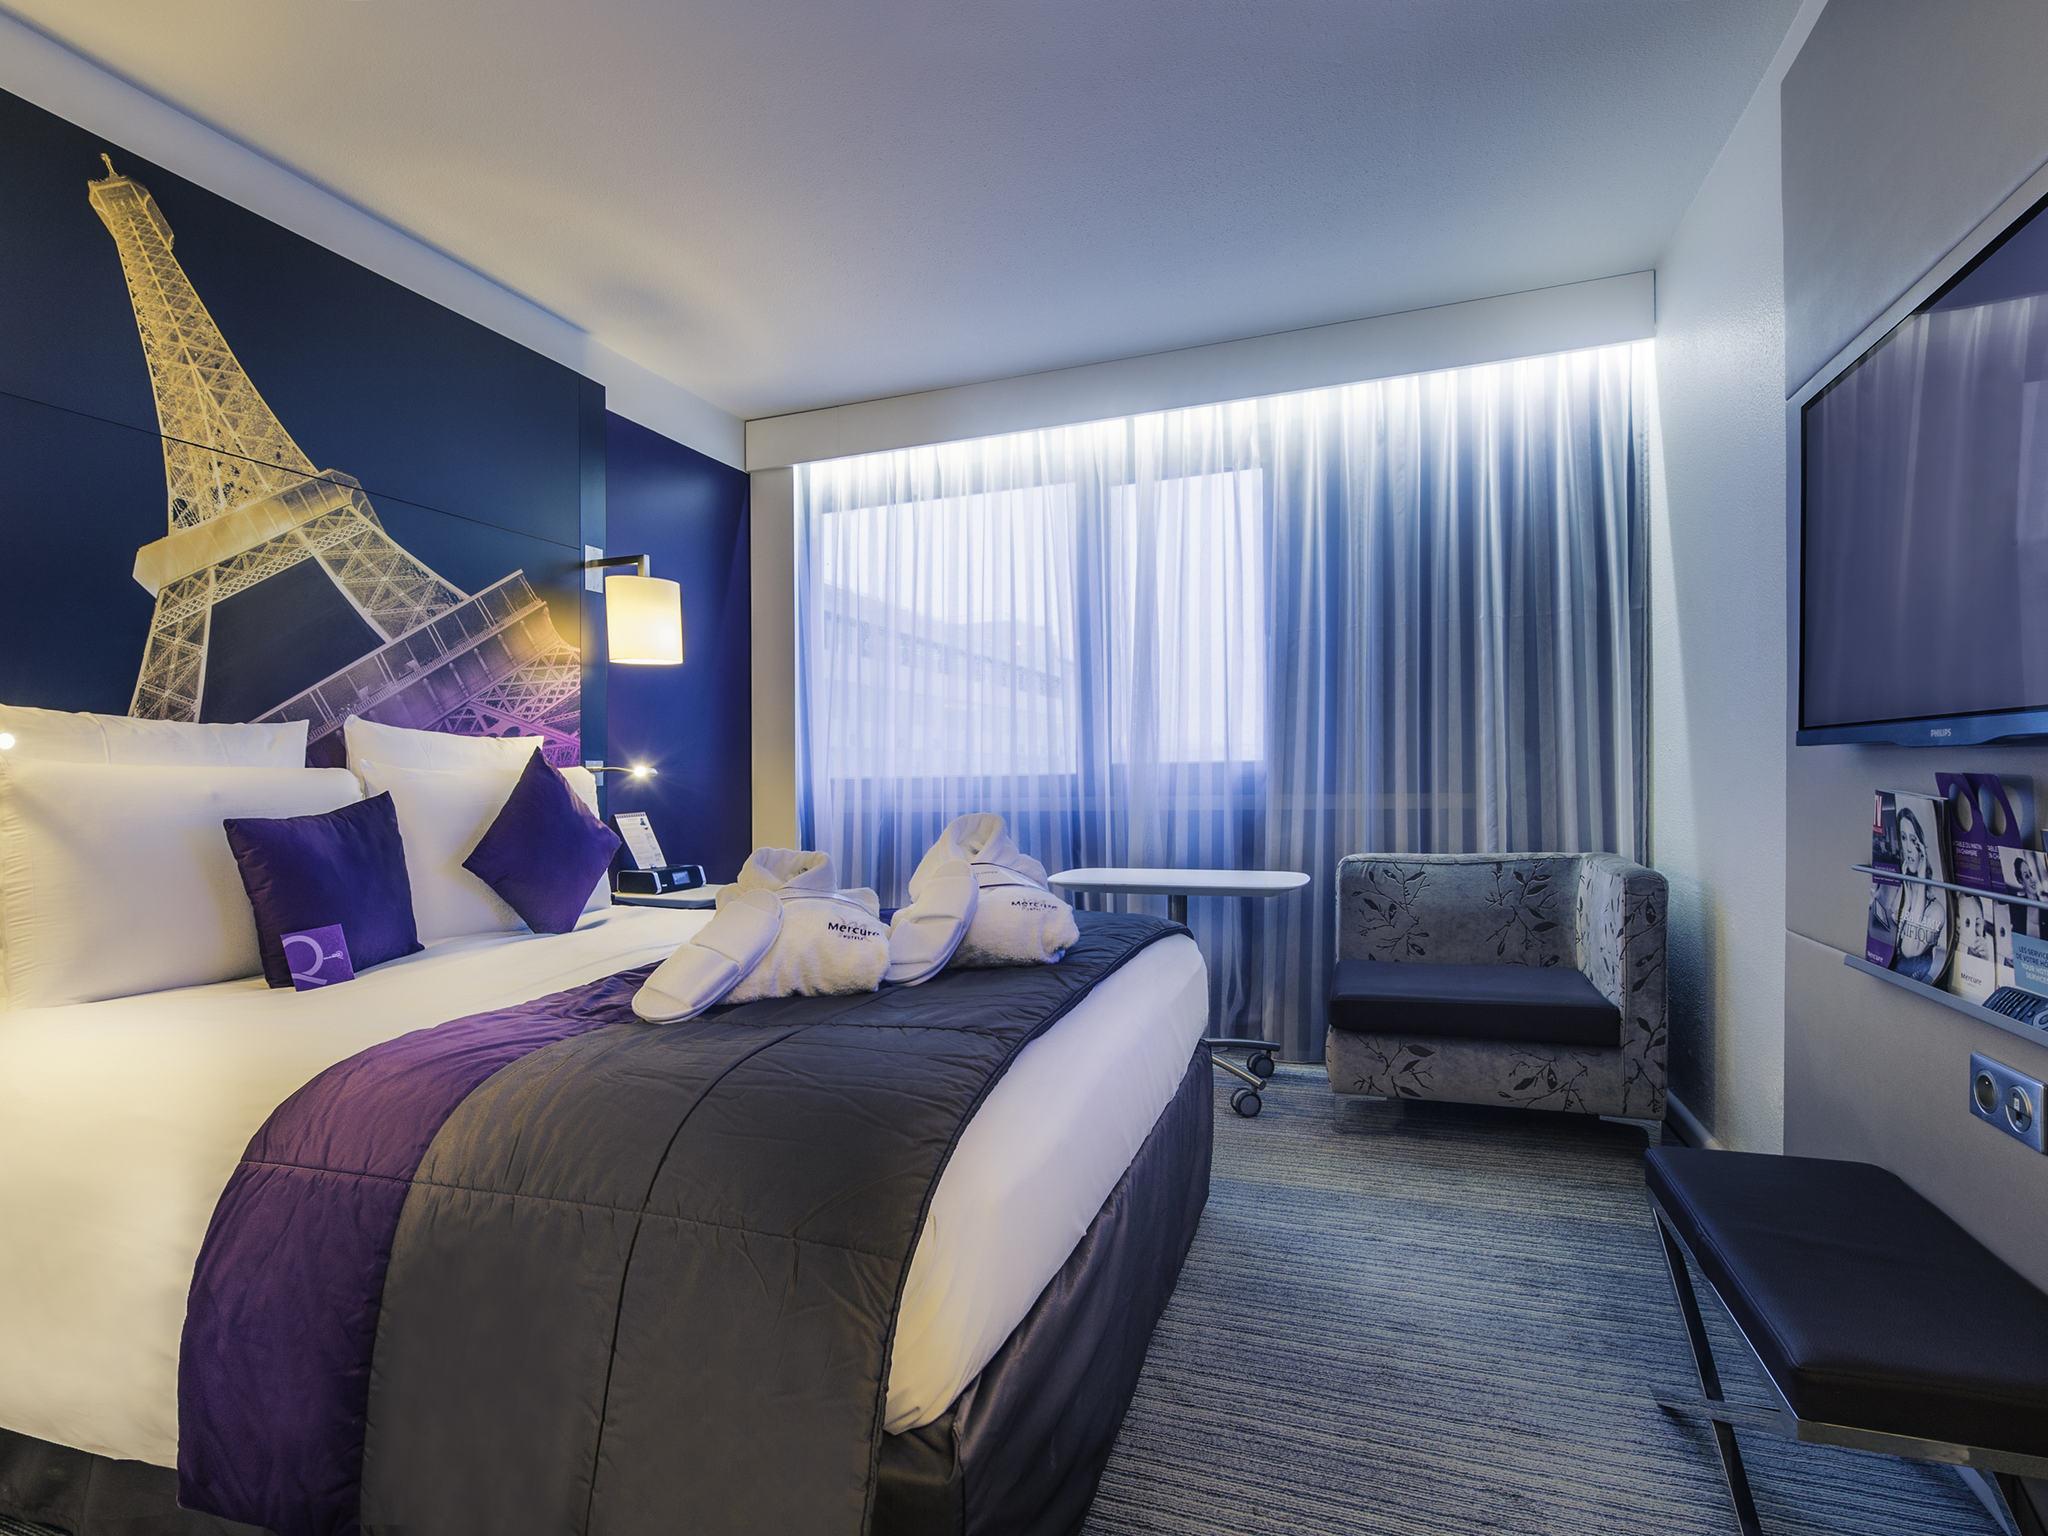 فندق - مركيور Mercure باريس سنتر تور إيفل